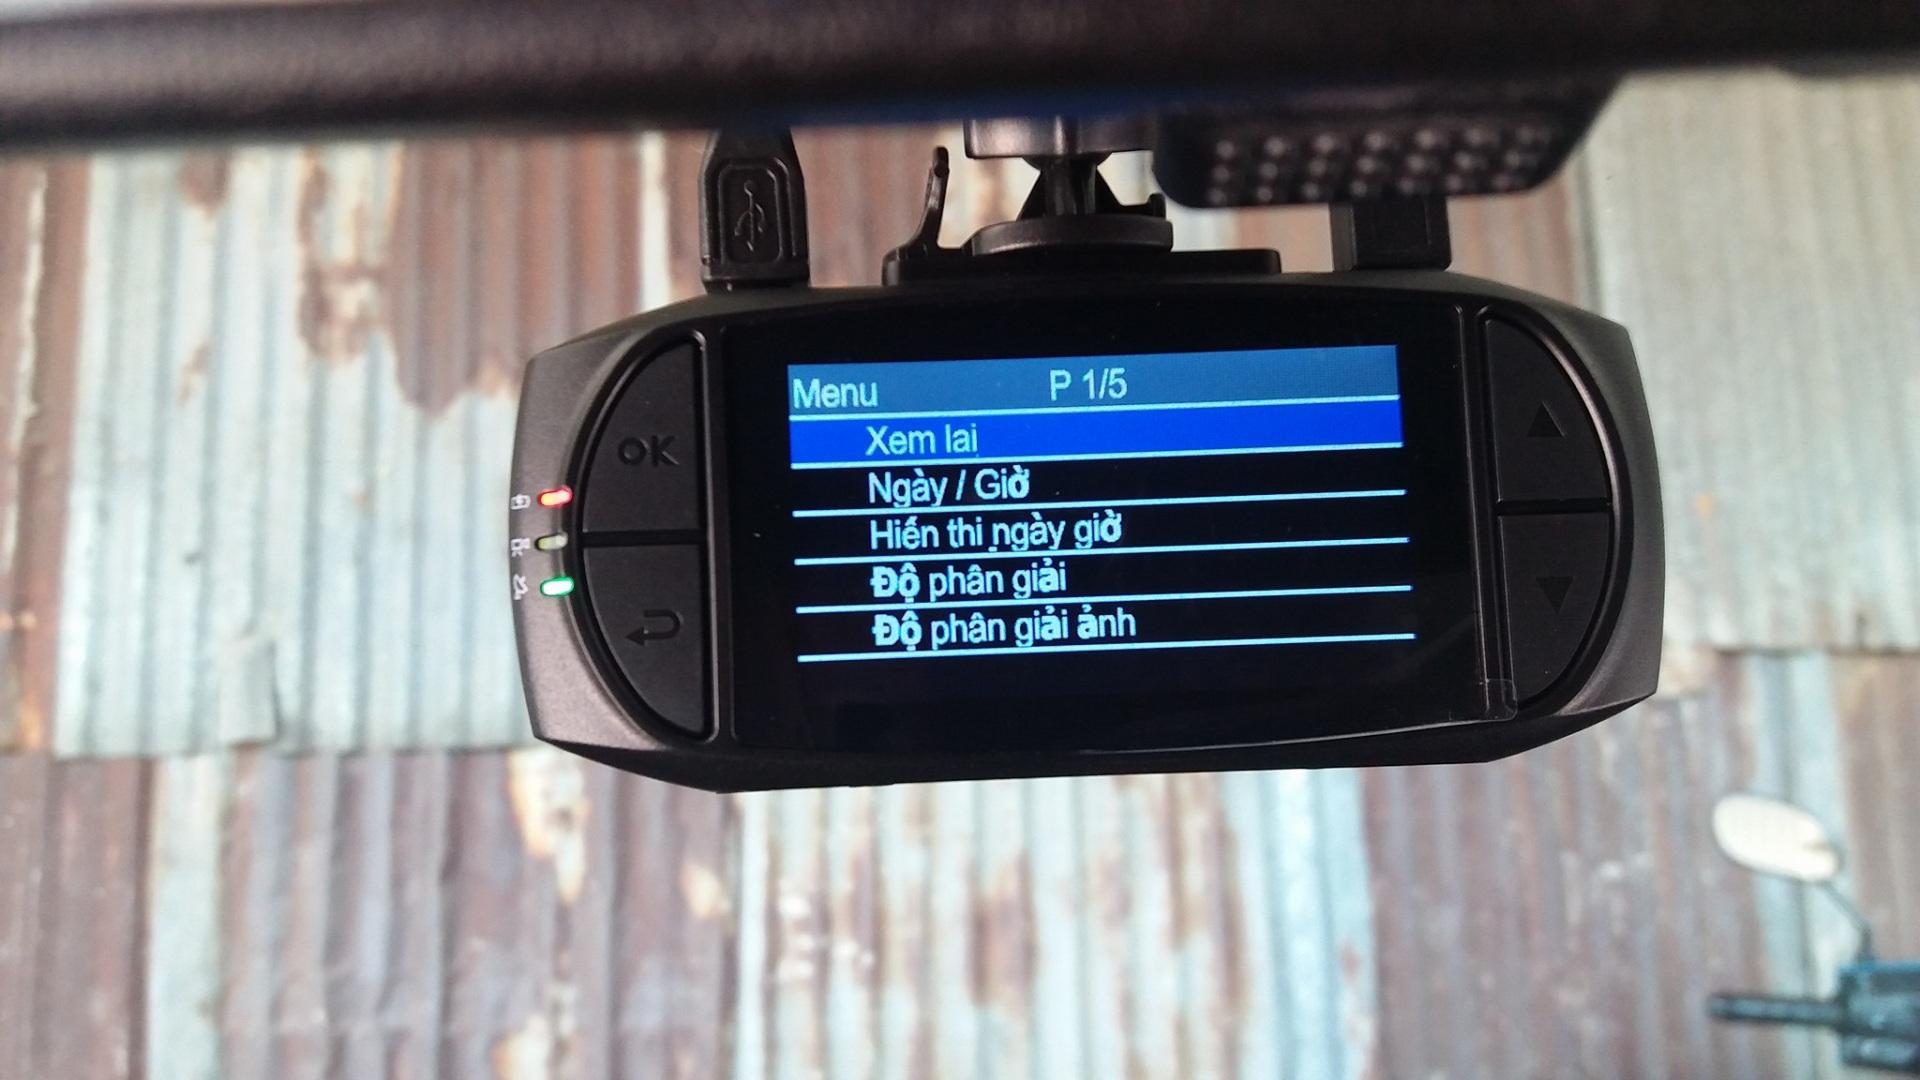 vntis - Camera hành trình DVR920 GPS - 2